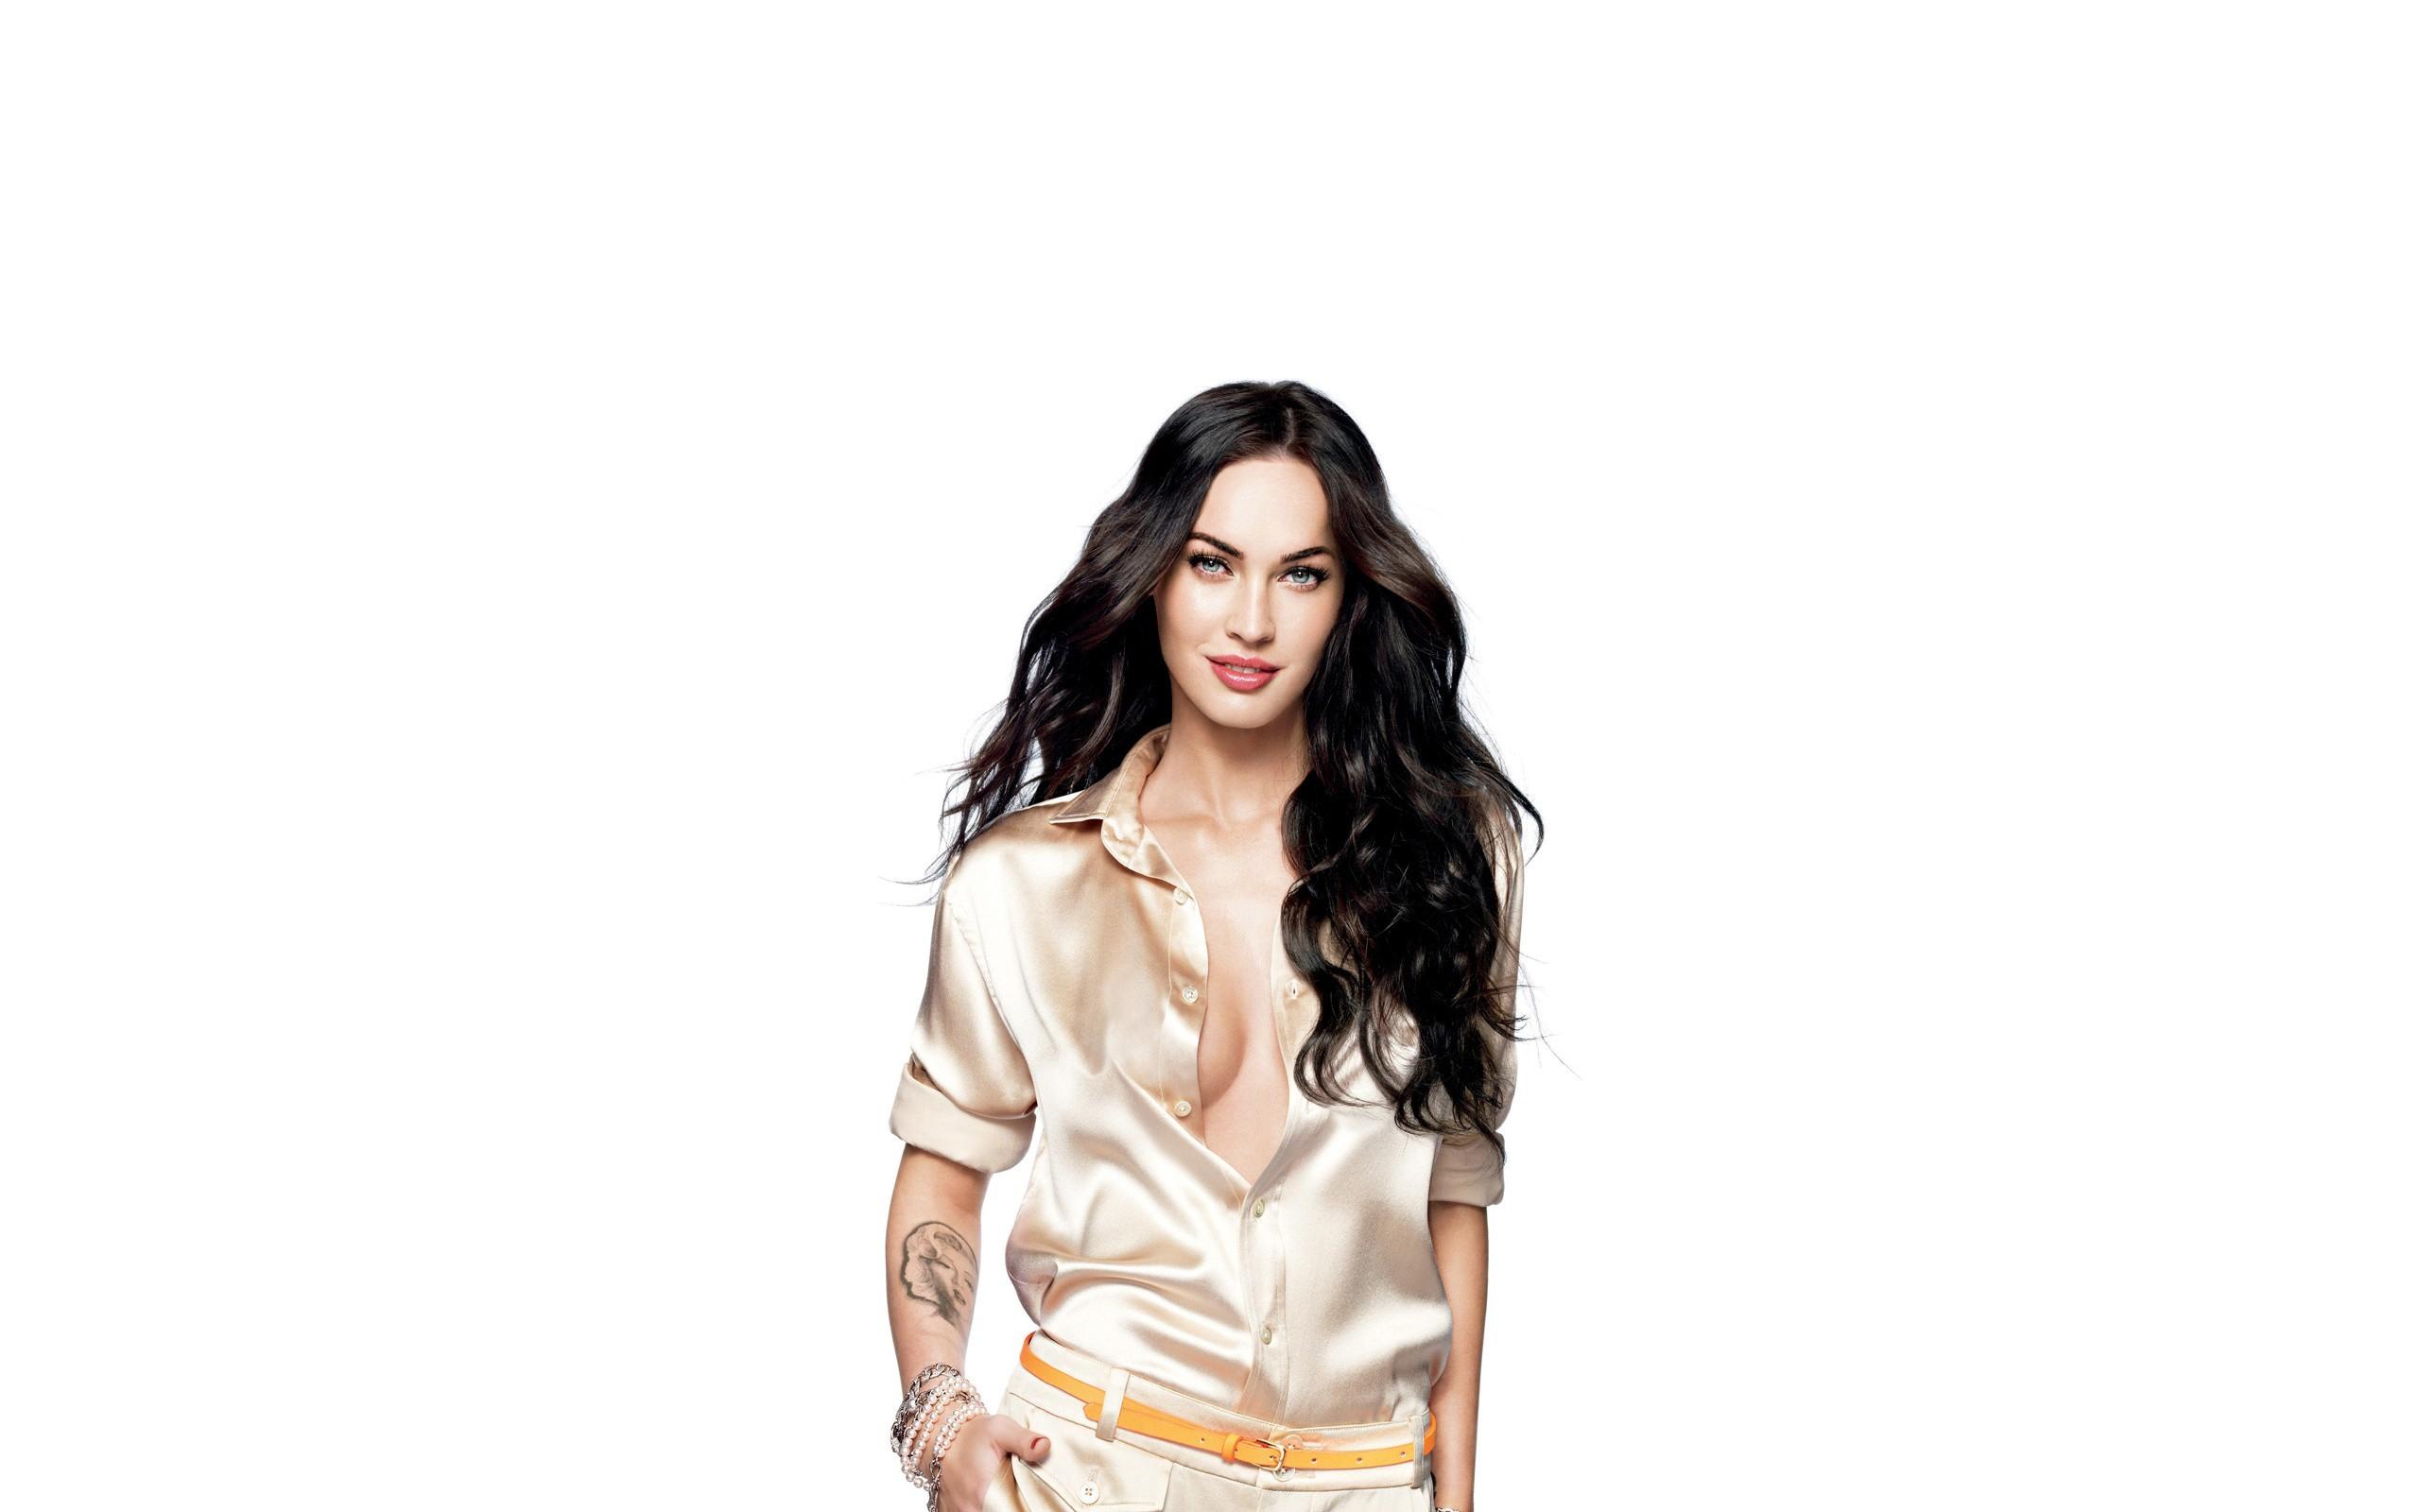 Shahid Wallpaper Hd Facebook Covers For Megan Fox Popopics Com